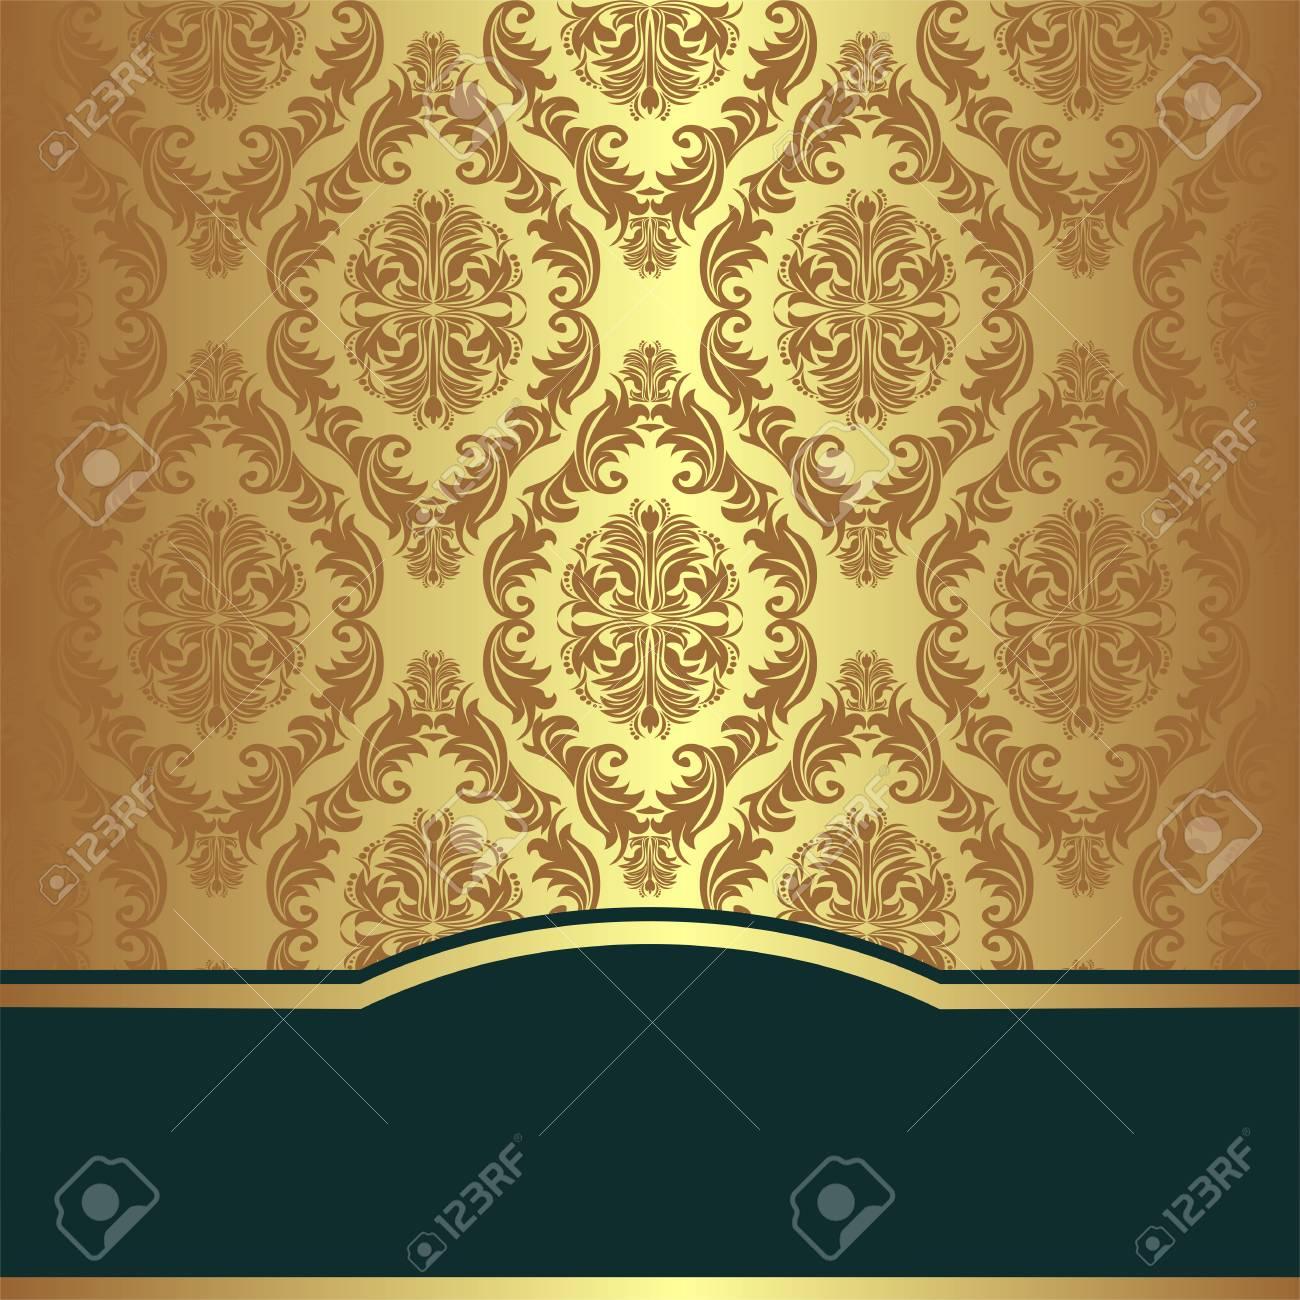 Golden damask Background with elegant Border - 97509664